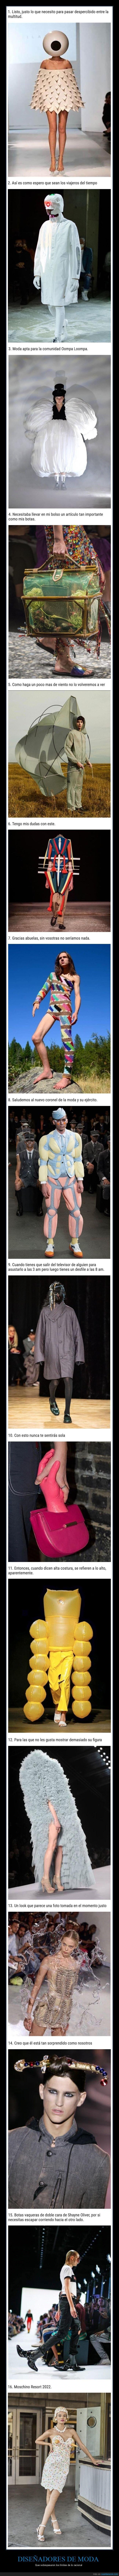 diseñadores,moda,wtf